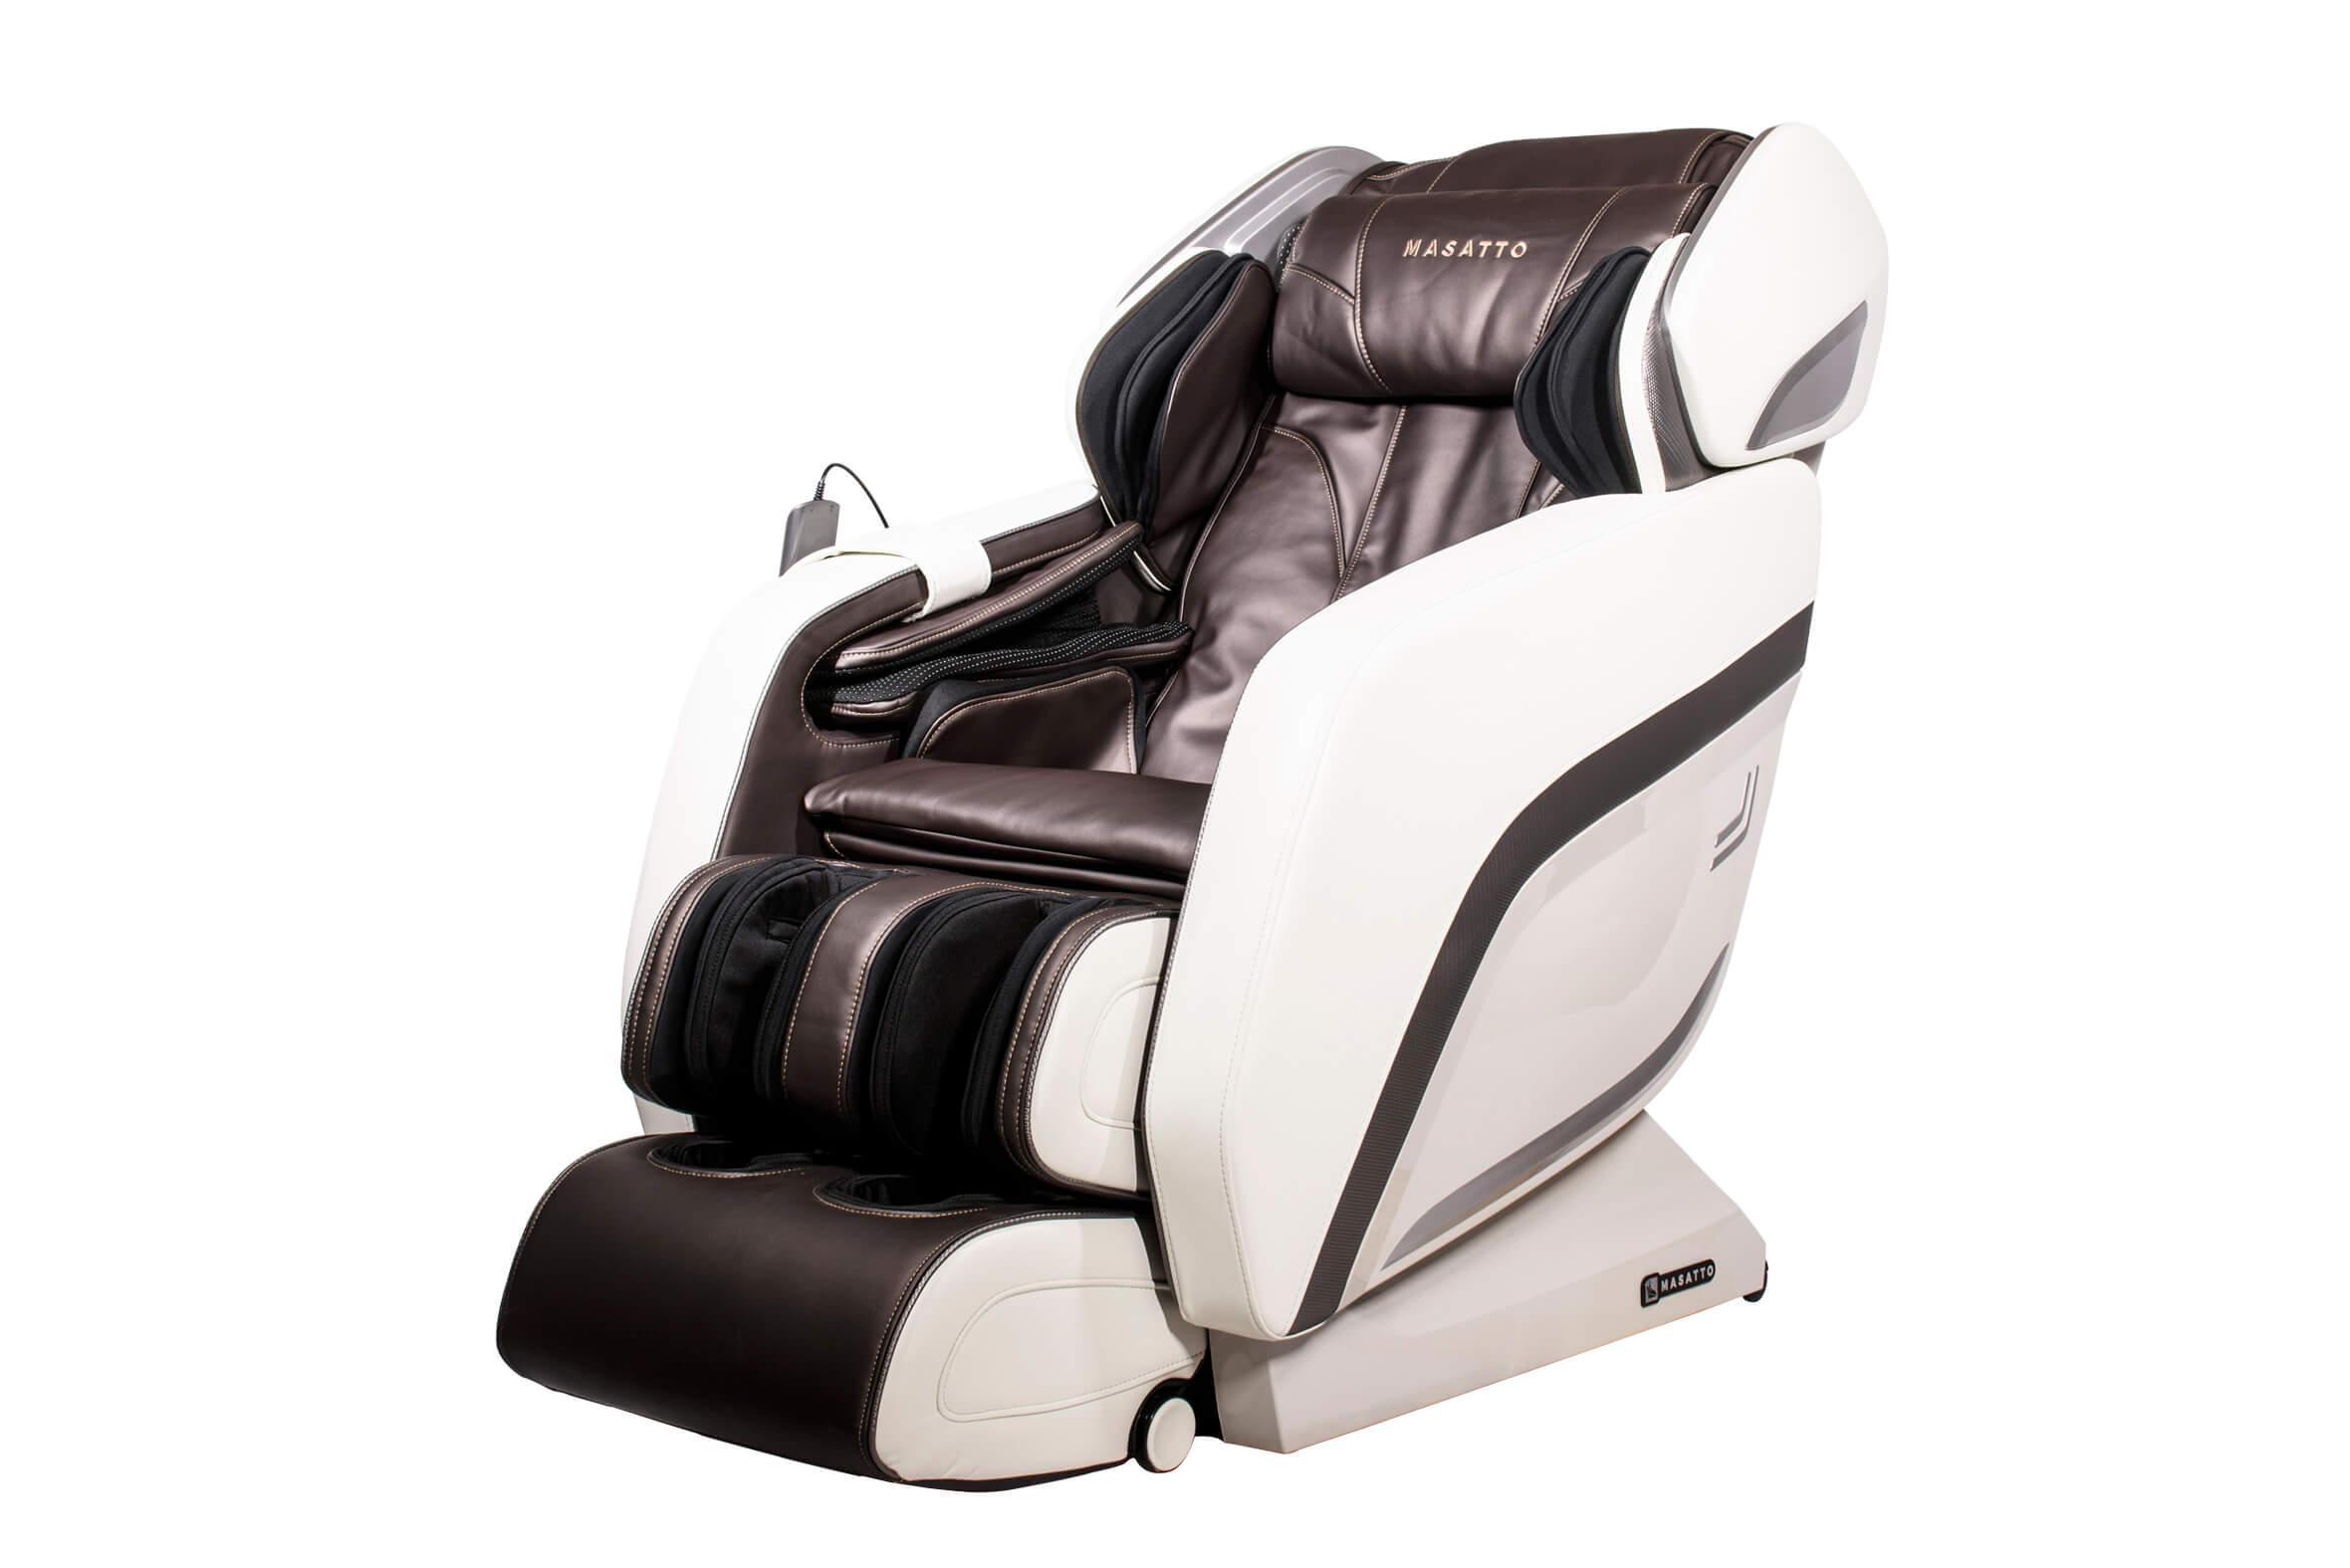 Polaris - Premium Deluxe 3D Terapeutic Medical